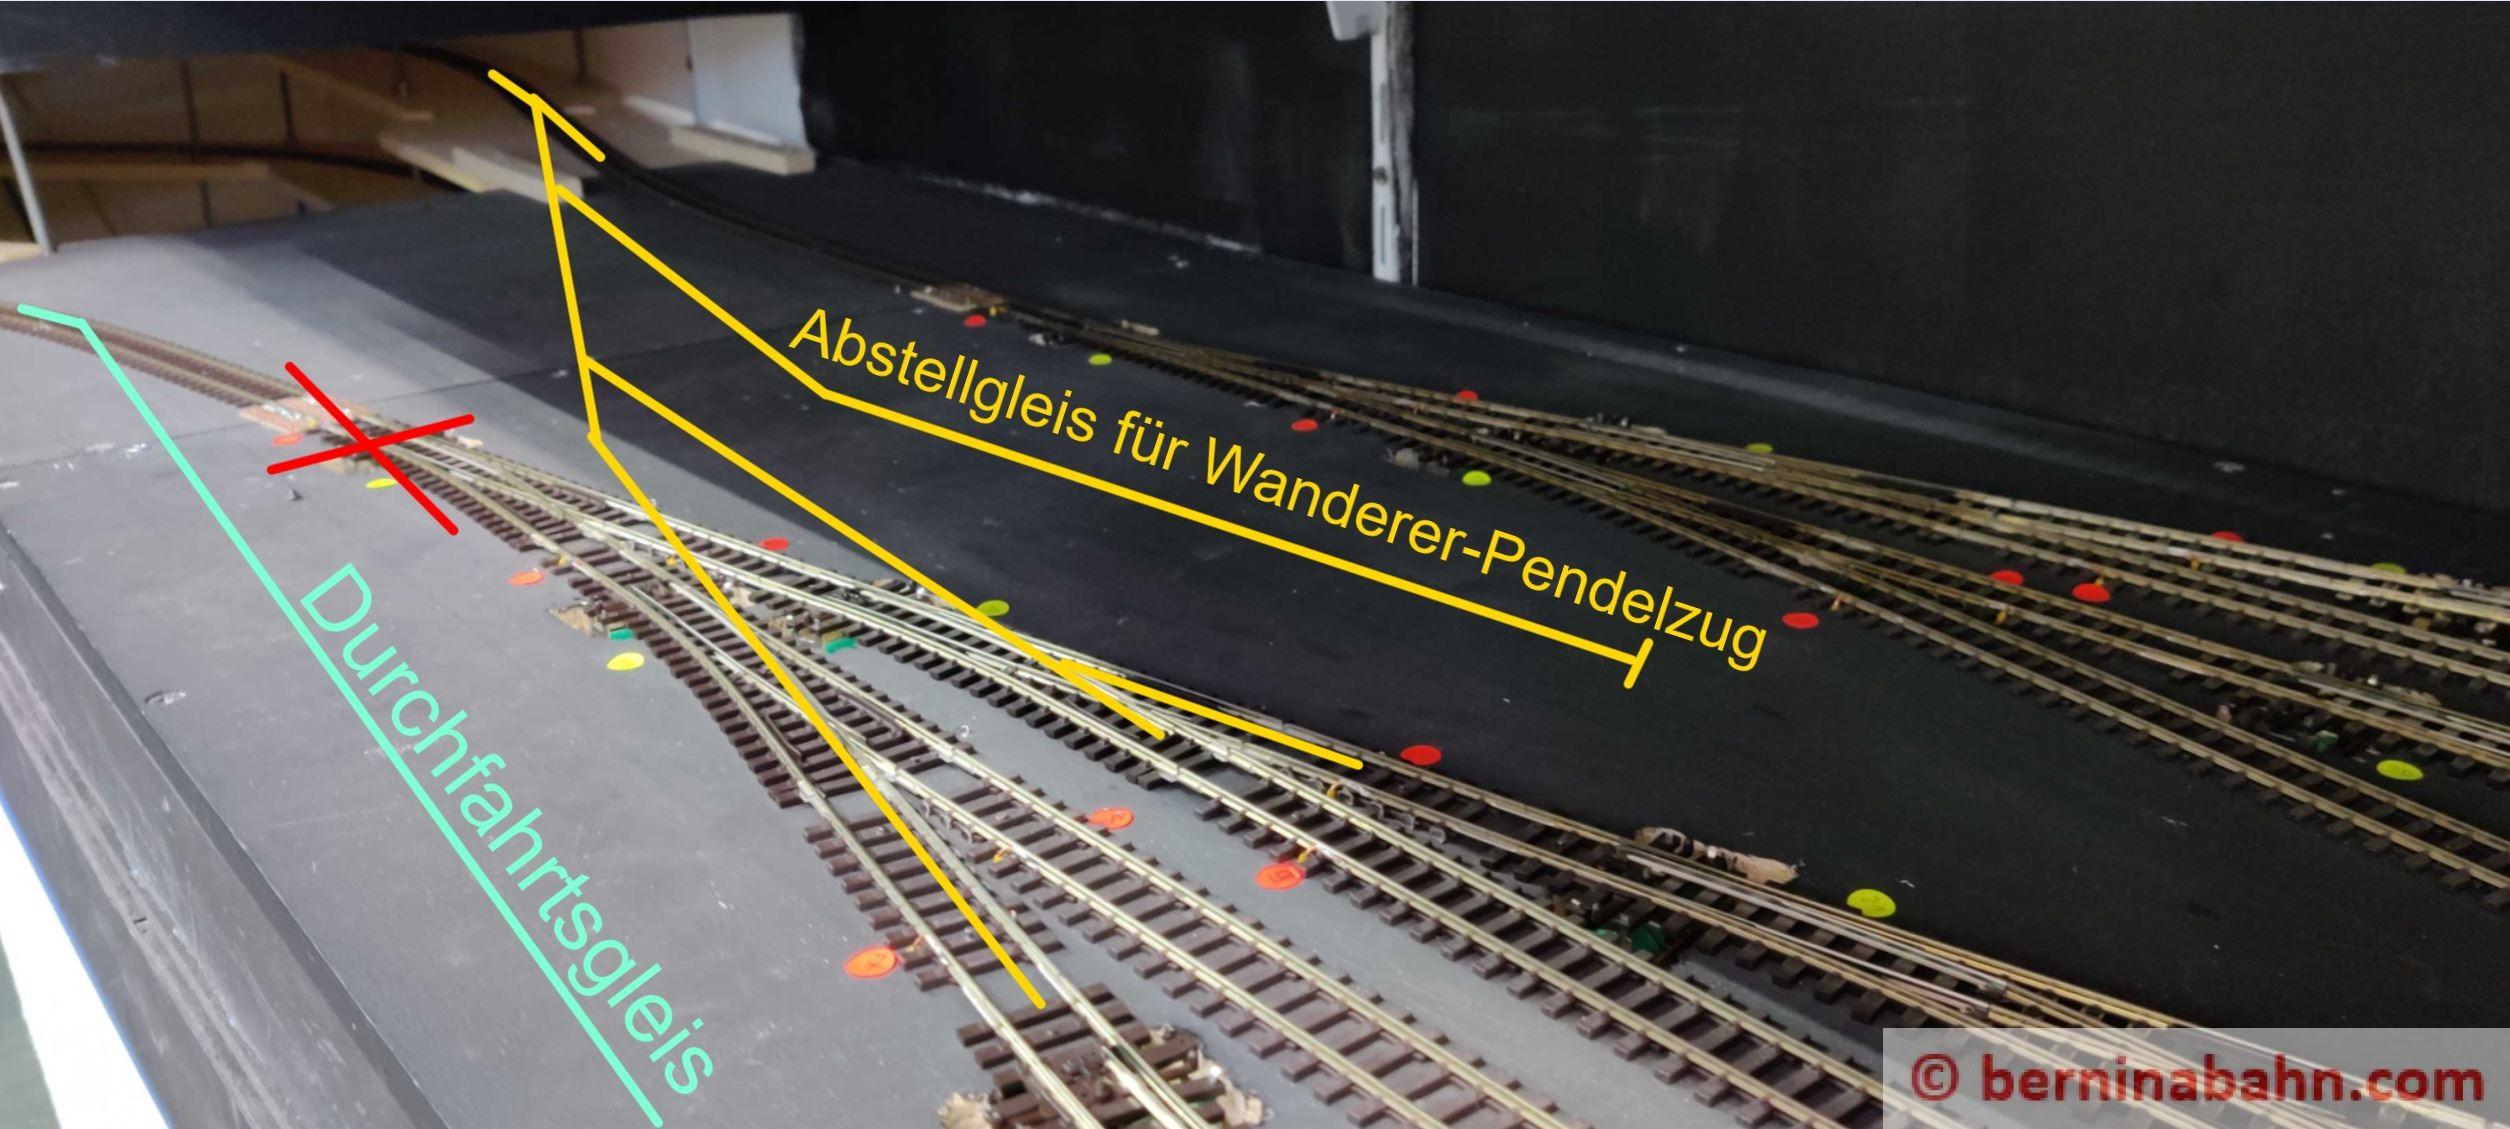 Umbau_Schattenbahnhof_1.jpg